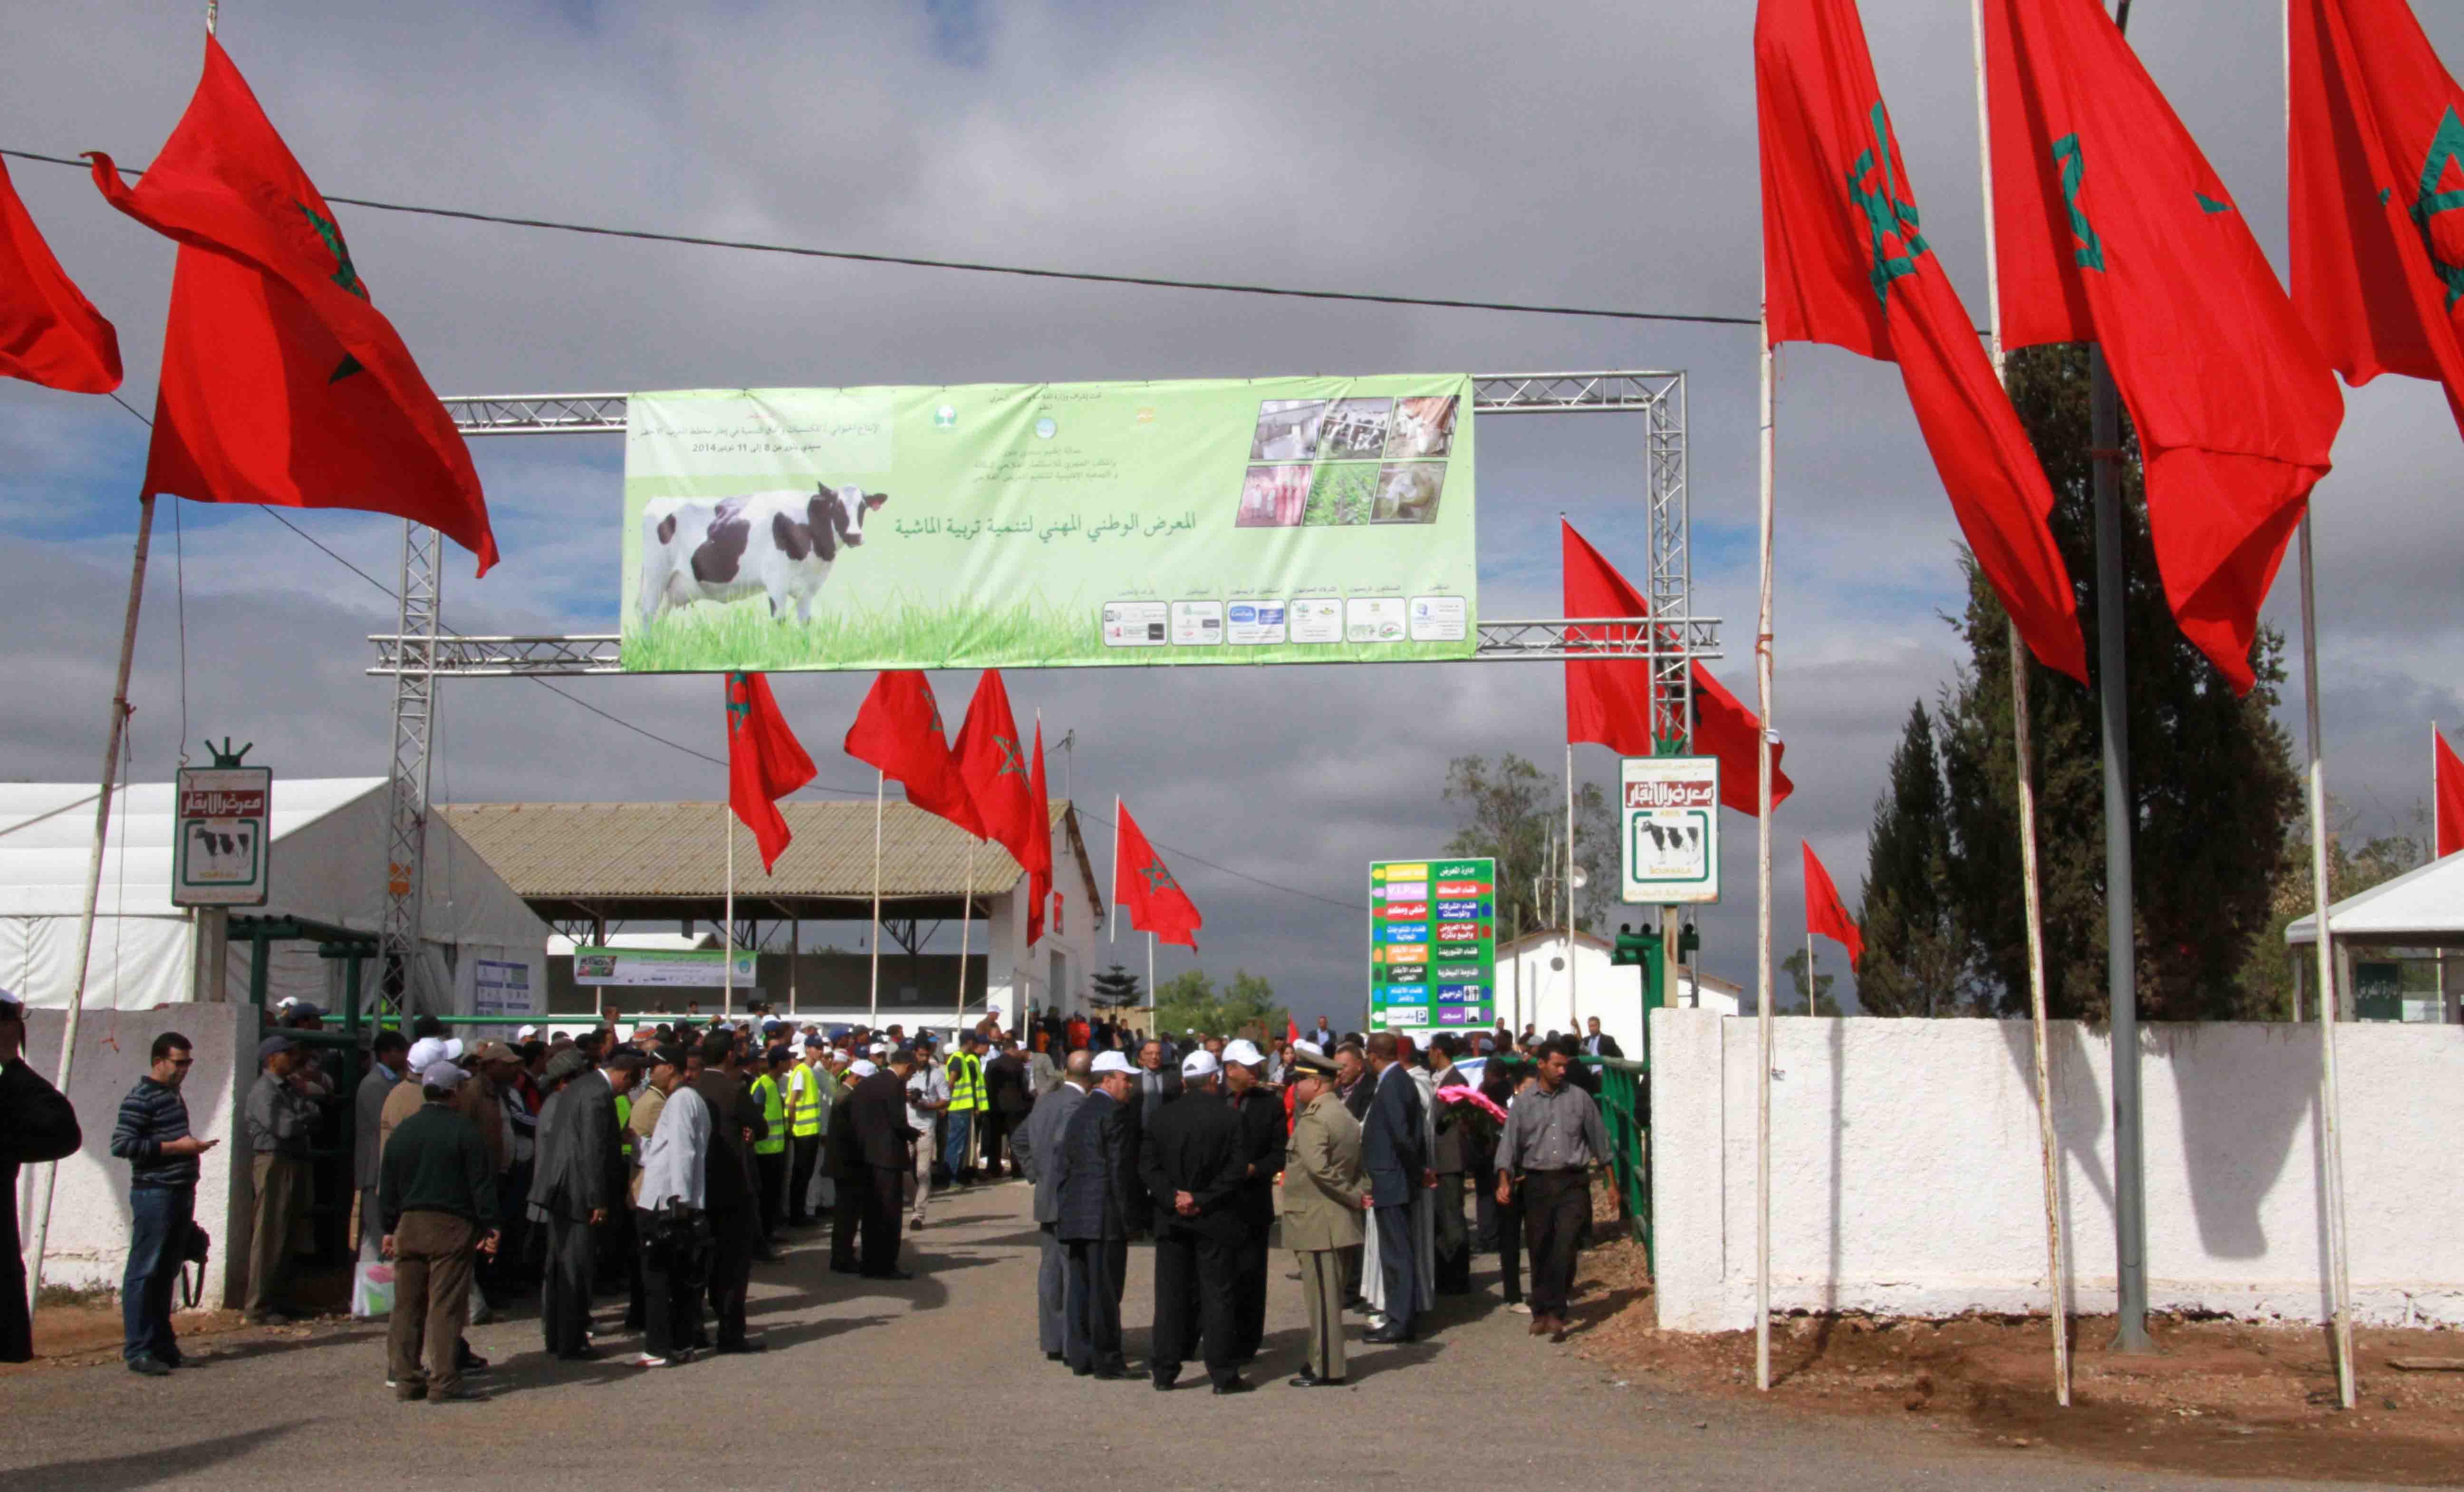 المعرض الوطني المهني لتنمية تربية الماشية